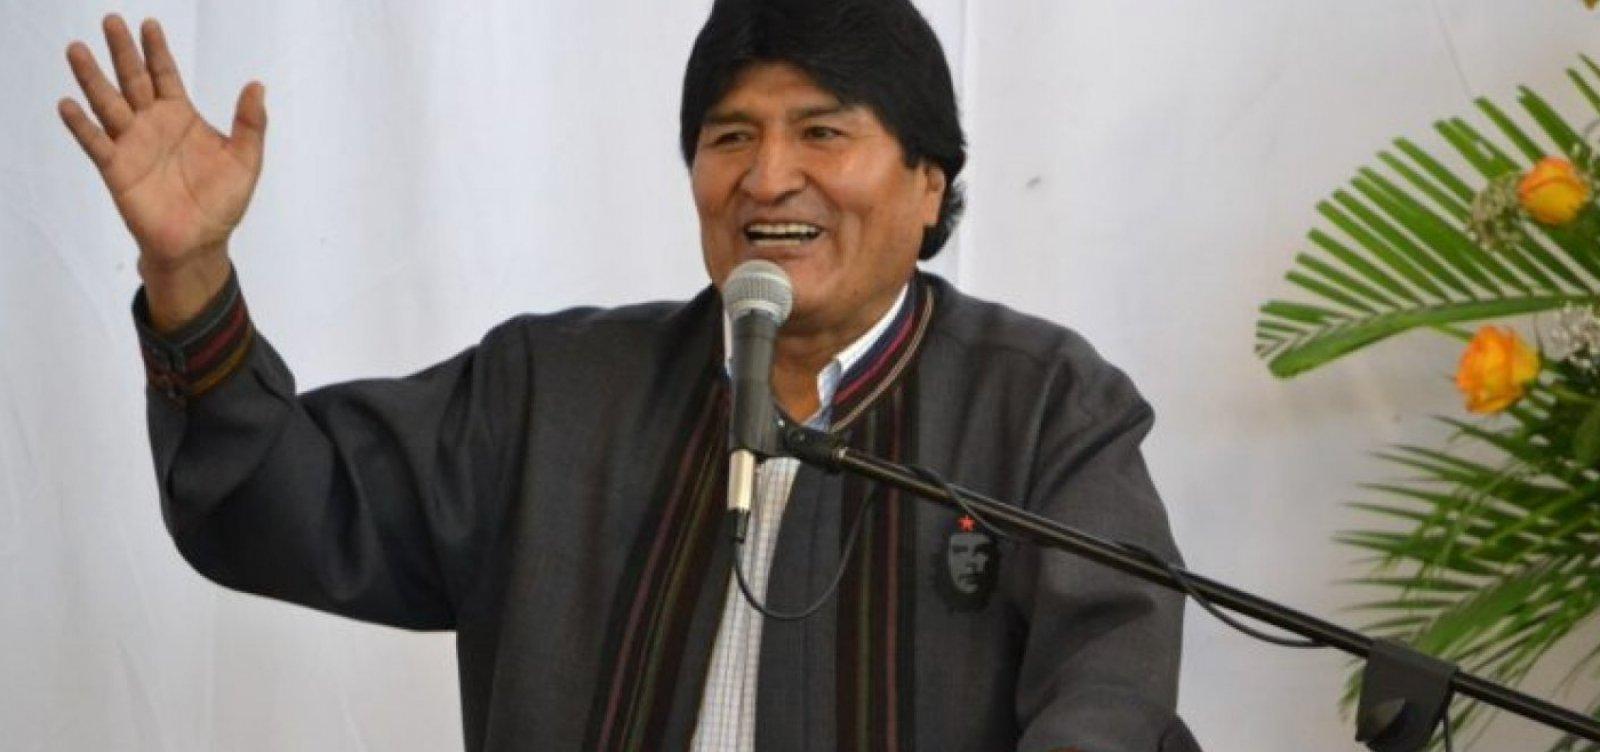 Após relatório da OEA, Morales decide convocar novas eleições na Bolívia